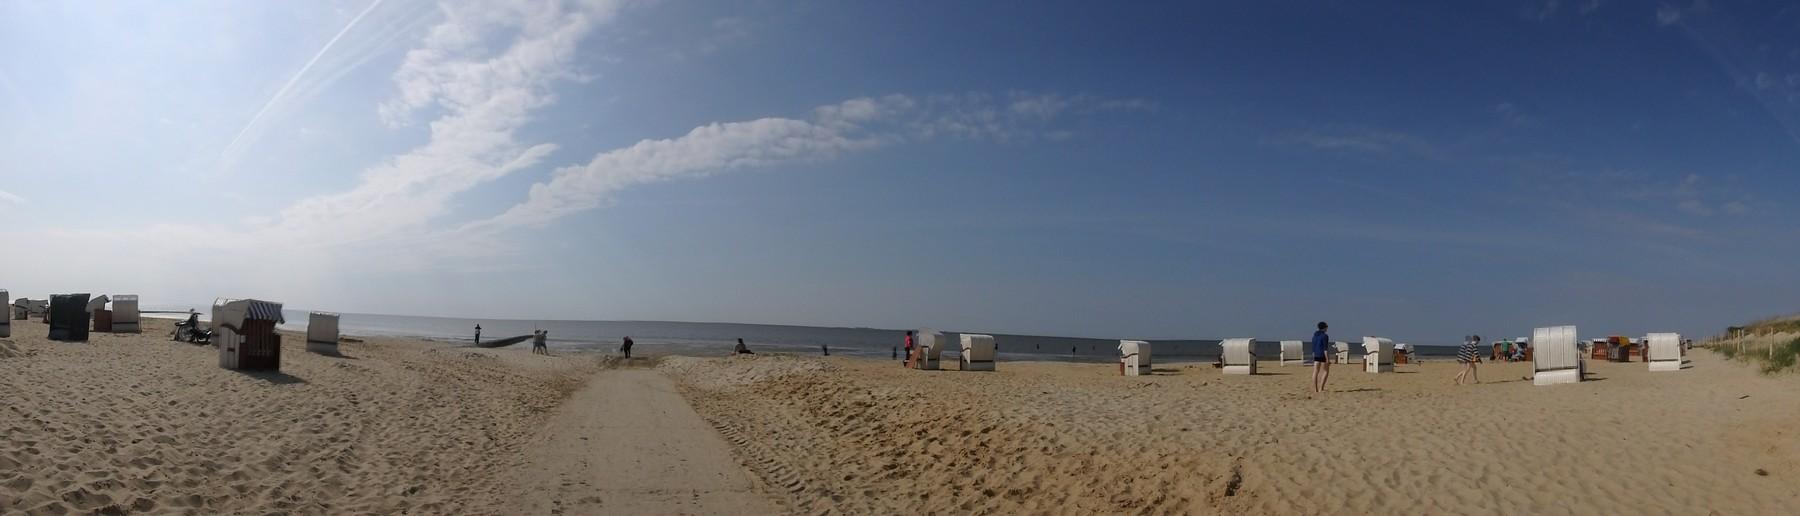 P4300324 Pano Cuxhaven Llanura de Mareas Unesco Alemania